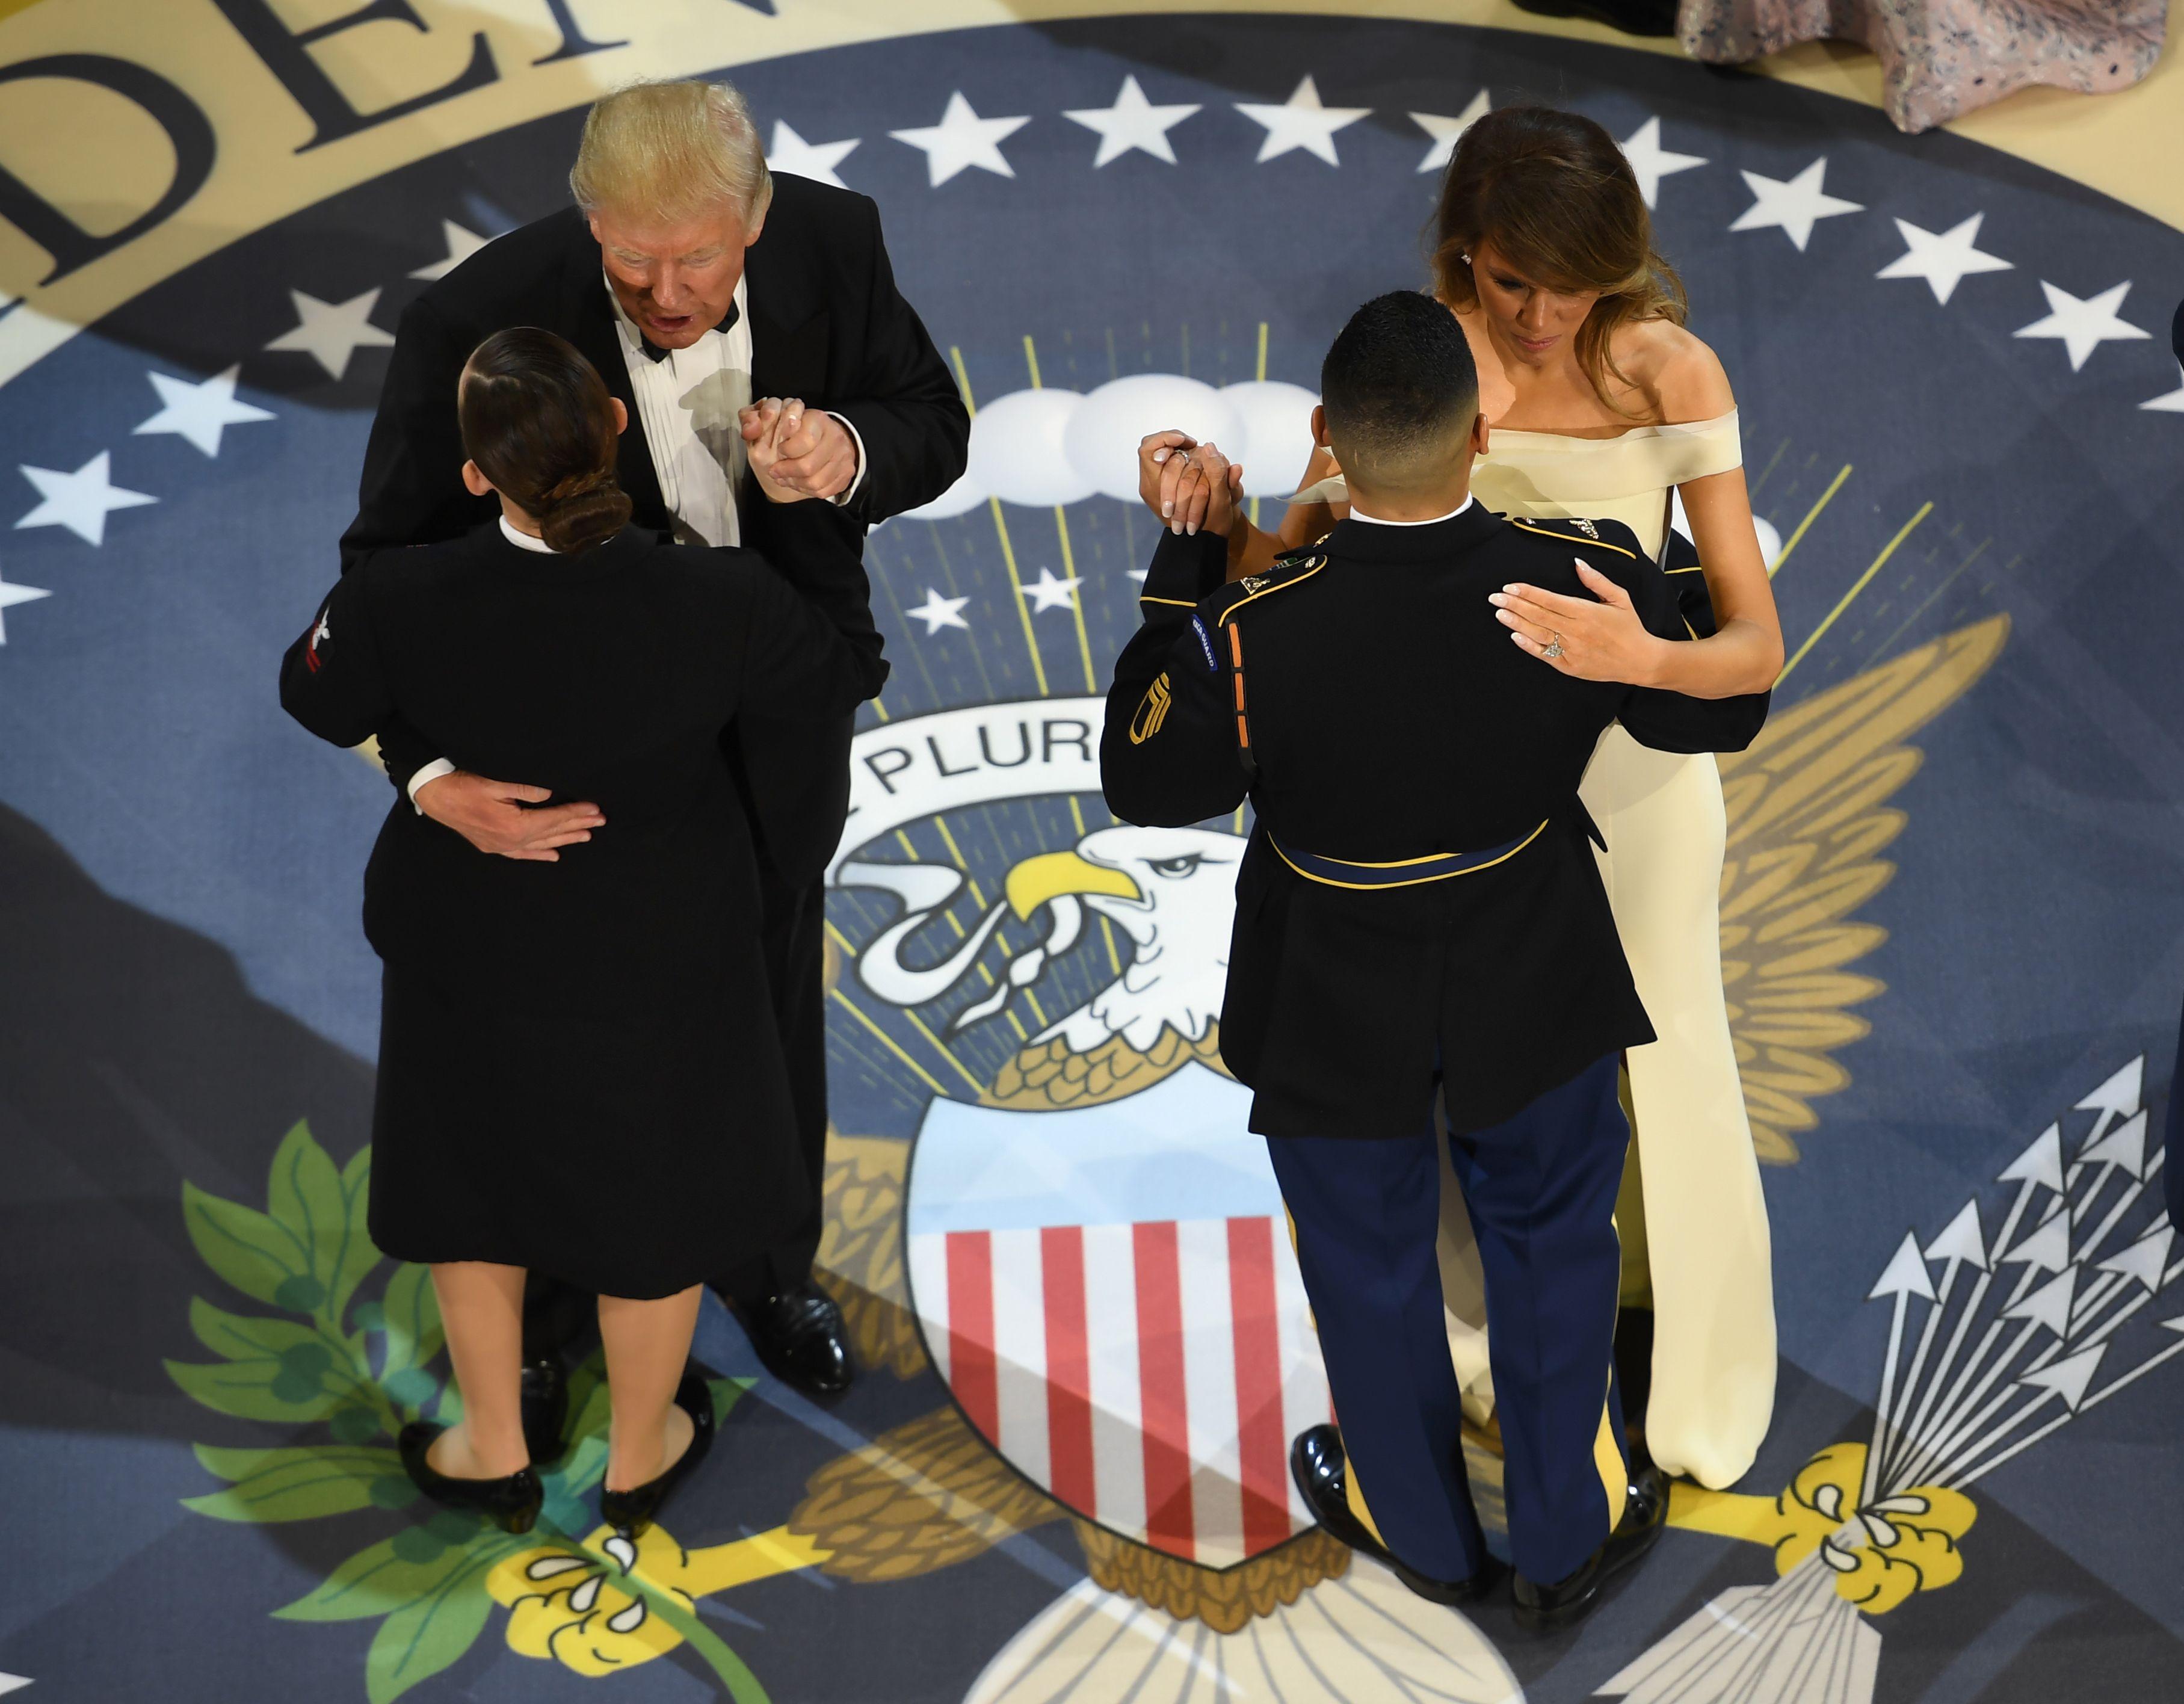 ميلانيا وترامب يتبادلان الرقص مع أفراد القوات الأمريكية